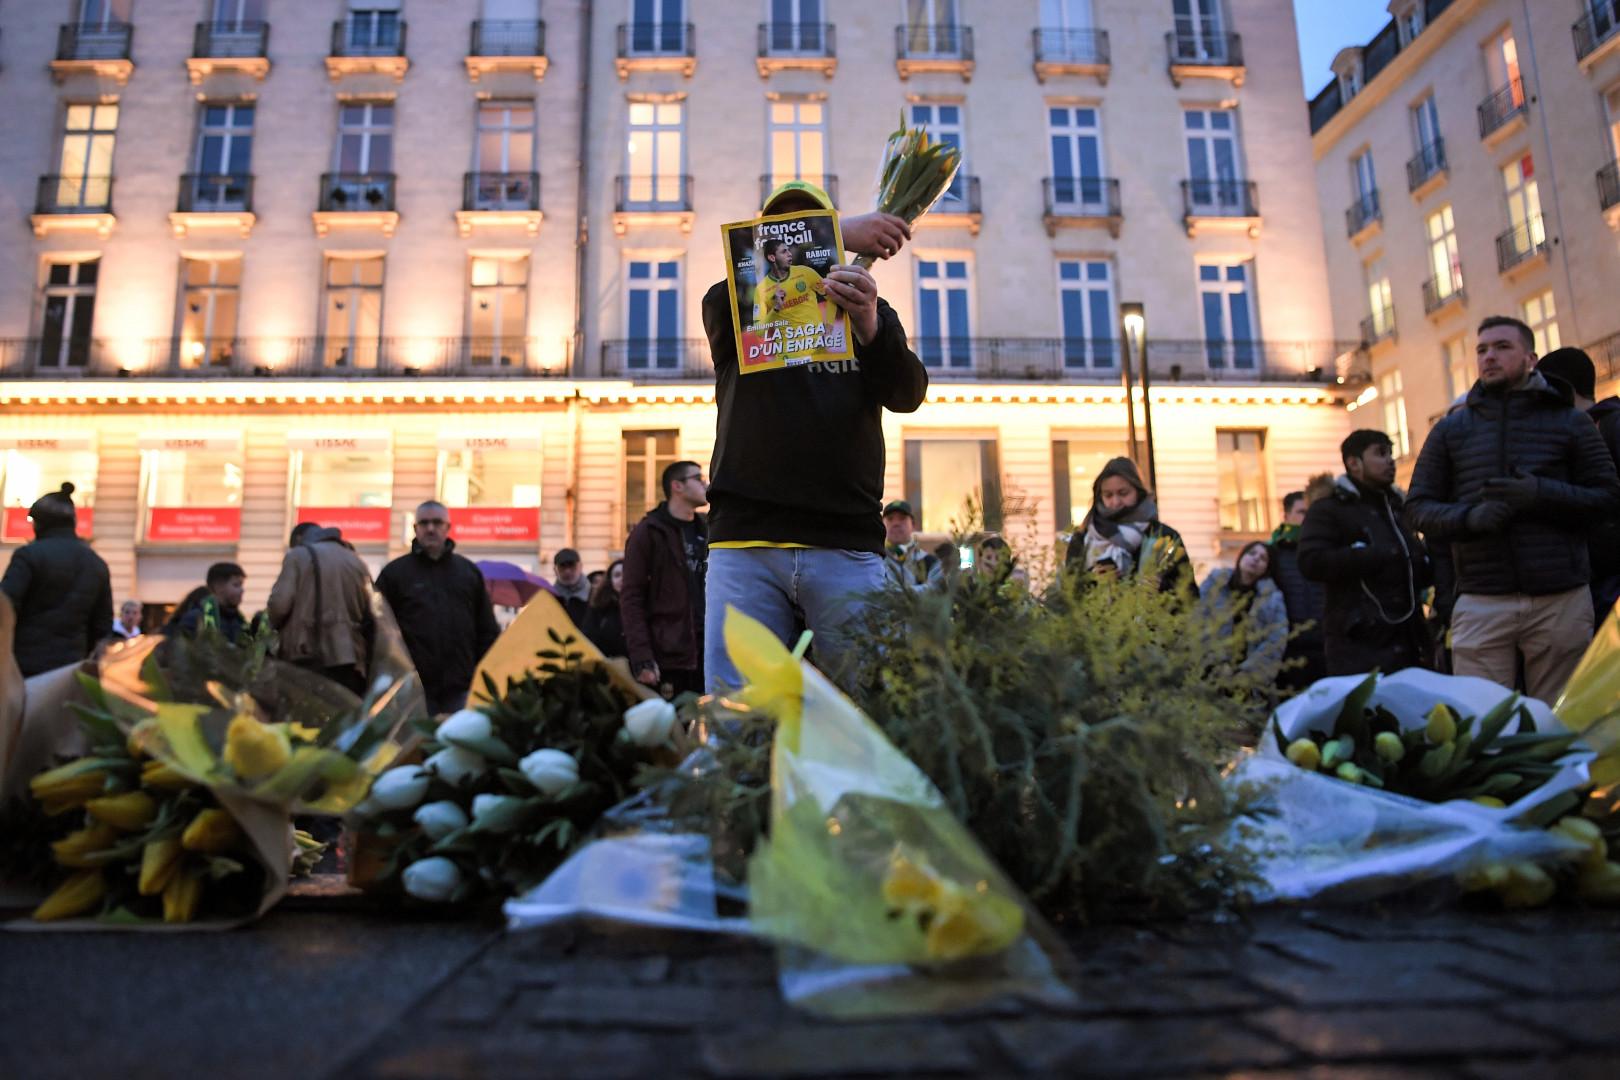 Des supporters du FC Nantes rassemblés pour un hommage à Emiliano Sala